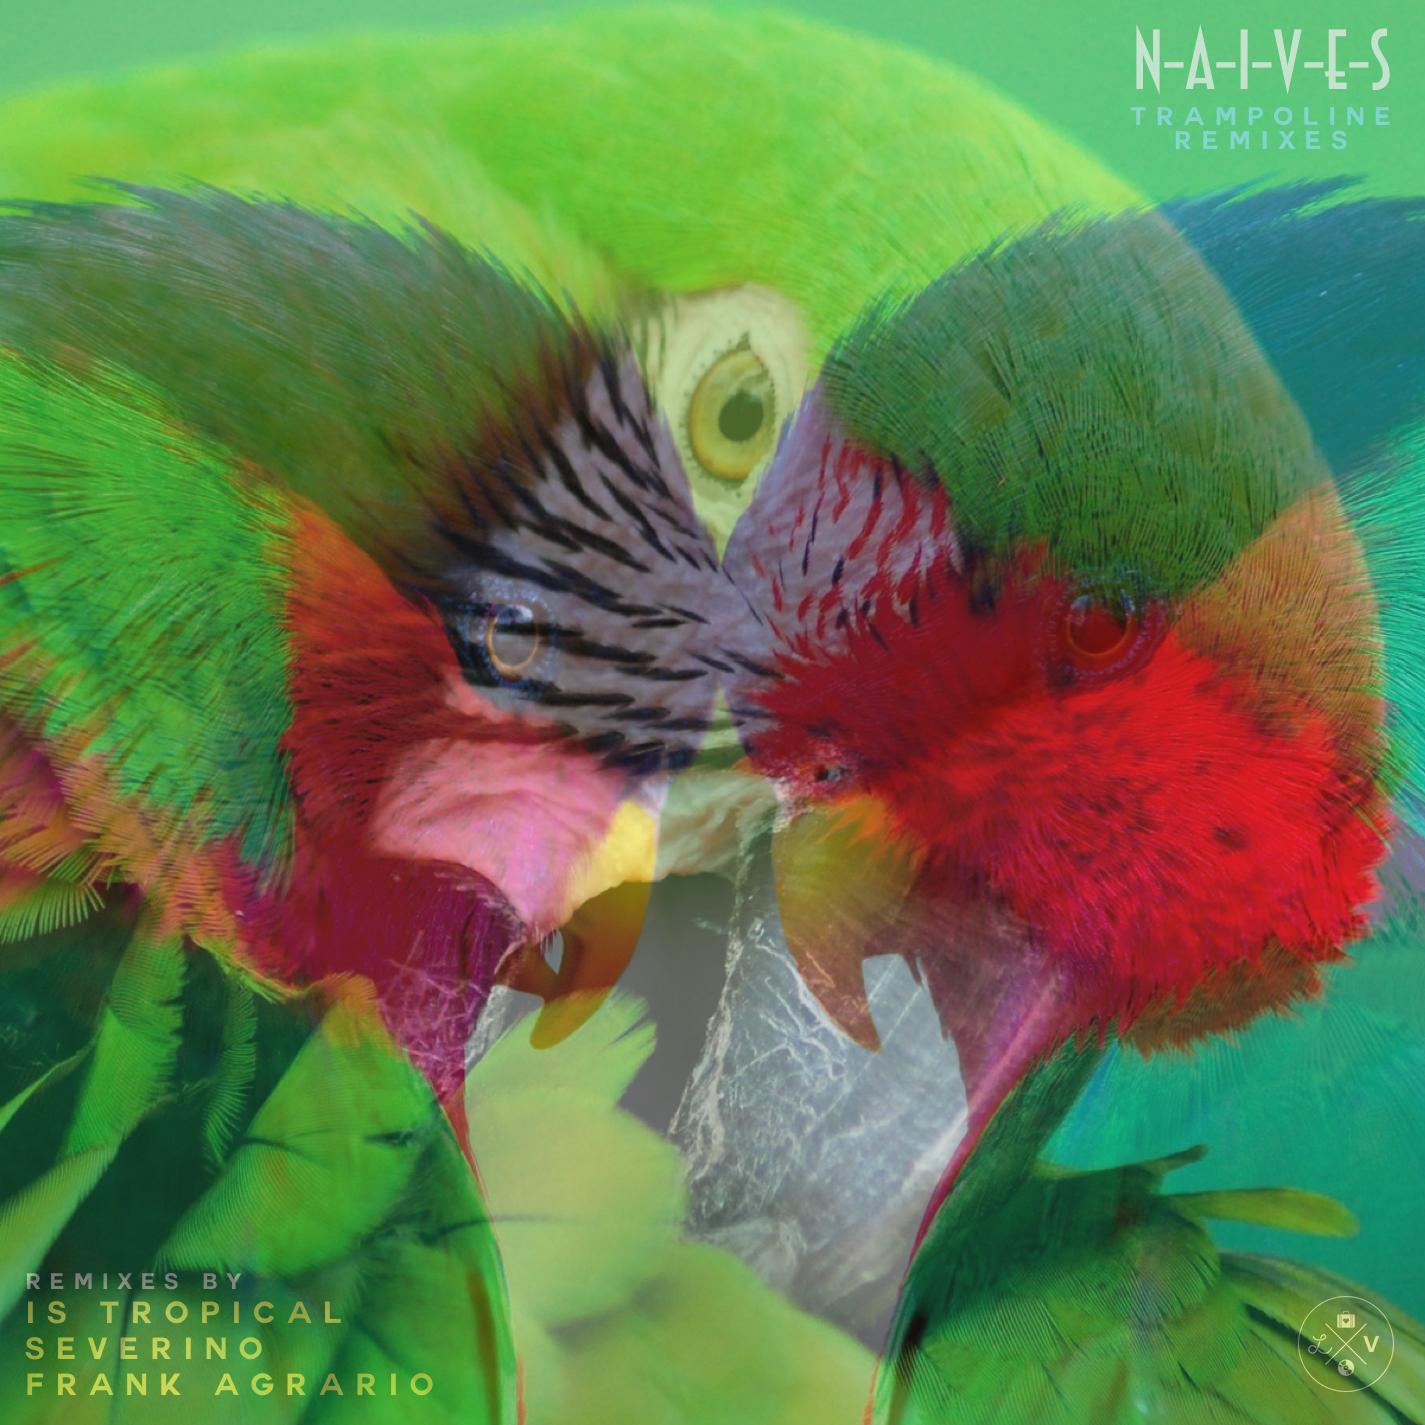 DV066 / N-A-I-V-E-S - Trampoline remixes